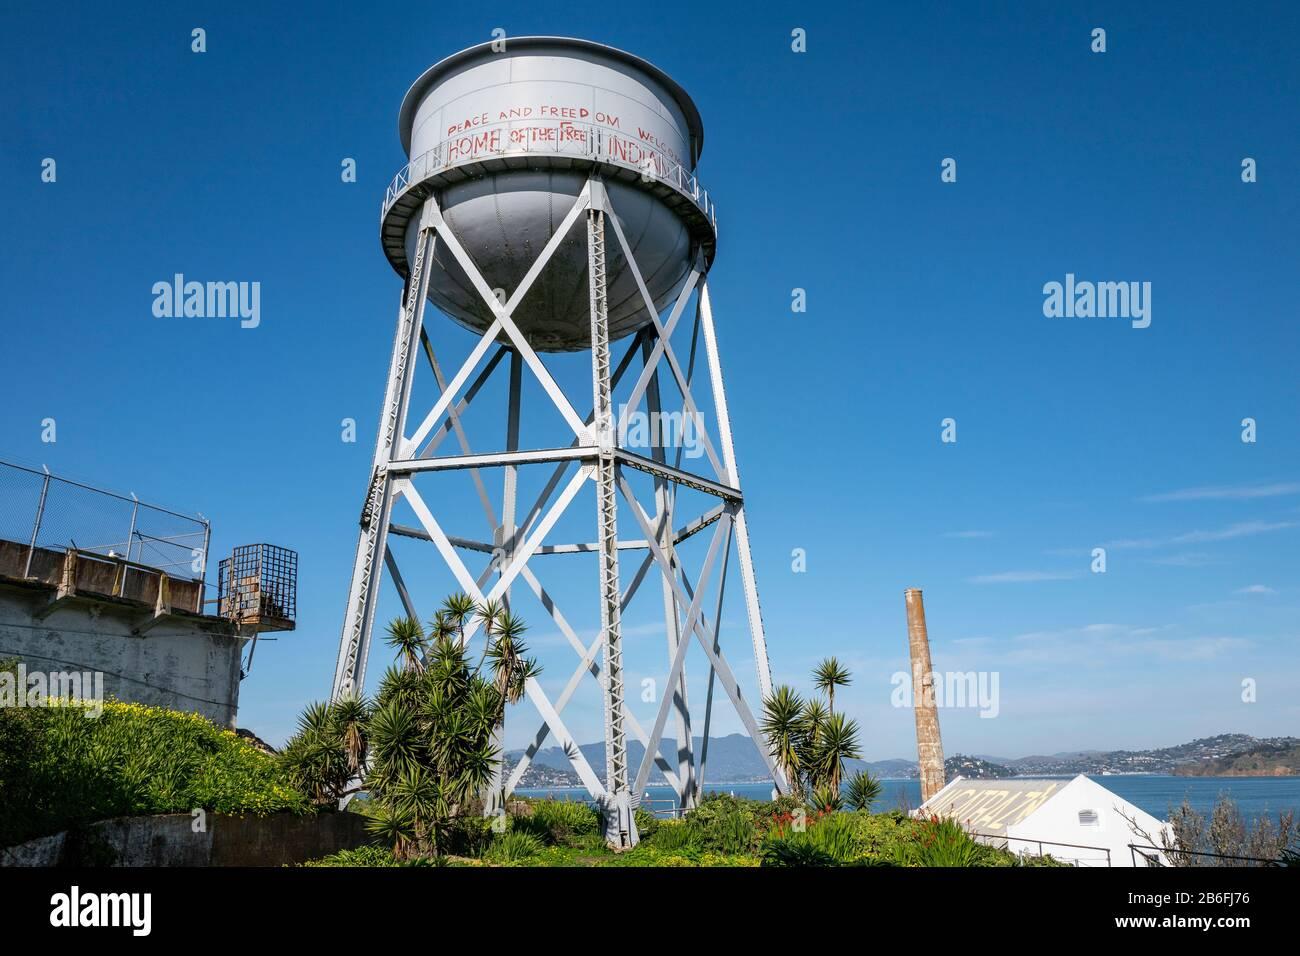 Alcatraz Federal Penitentiary prison in San Francisco, California,USA Stock Photo